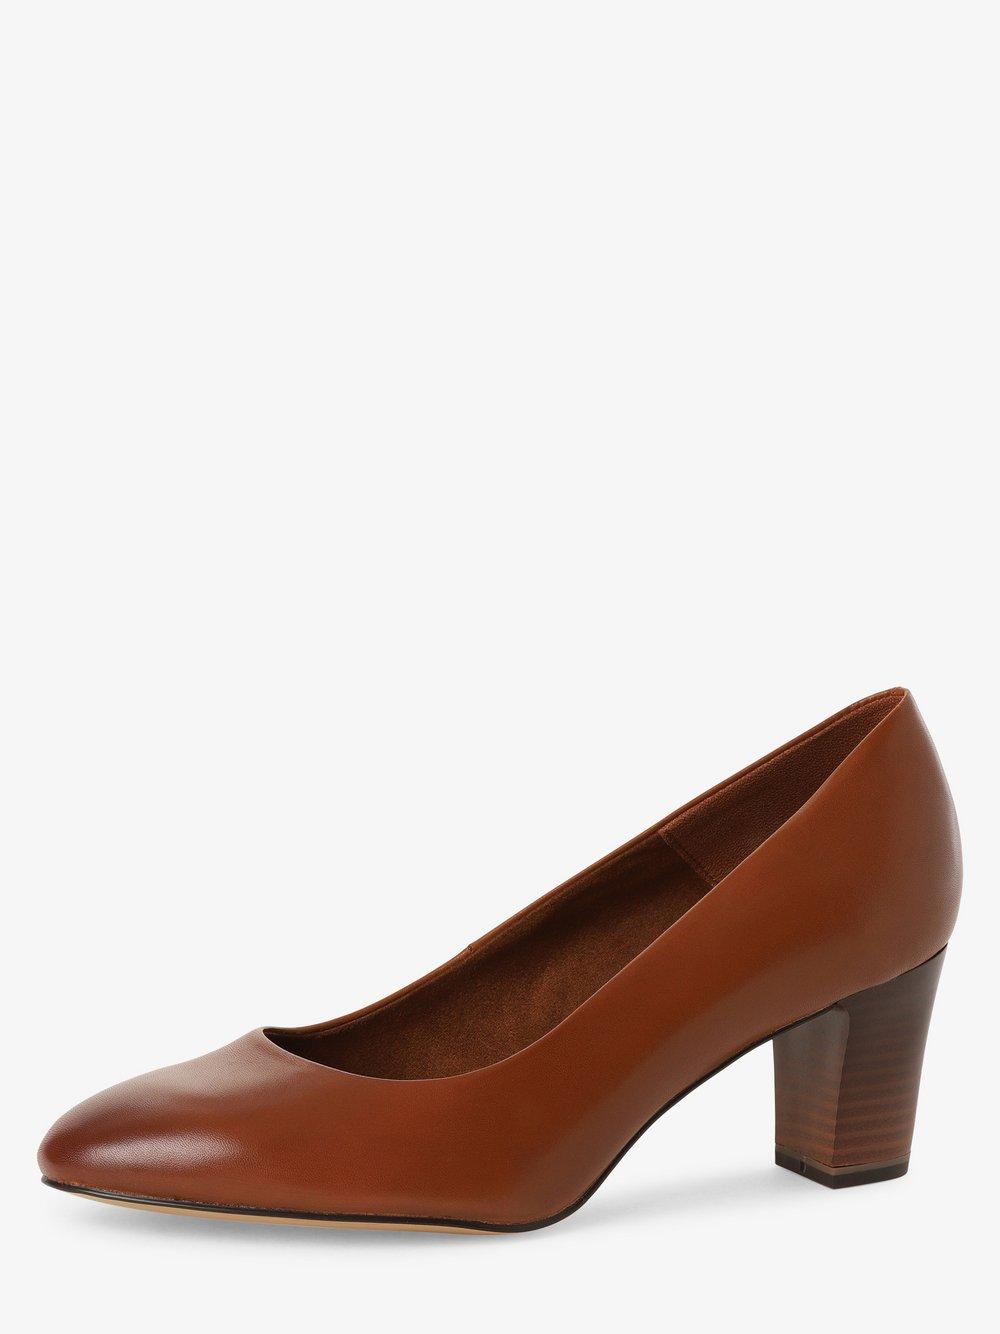 Tamaris »Leder« High Heel Pumps online kaufen | OTTO